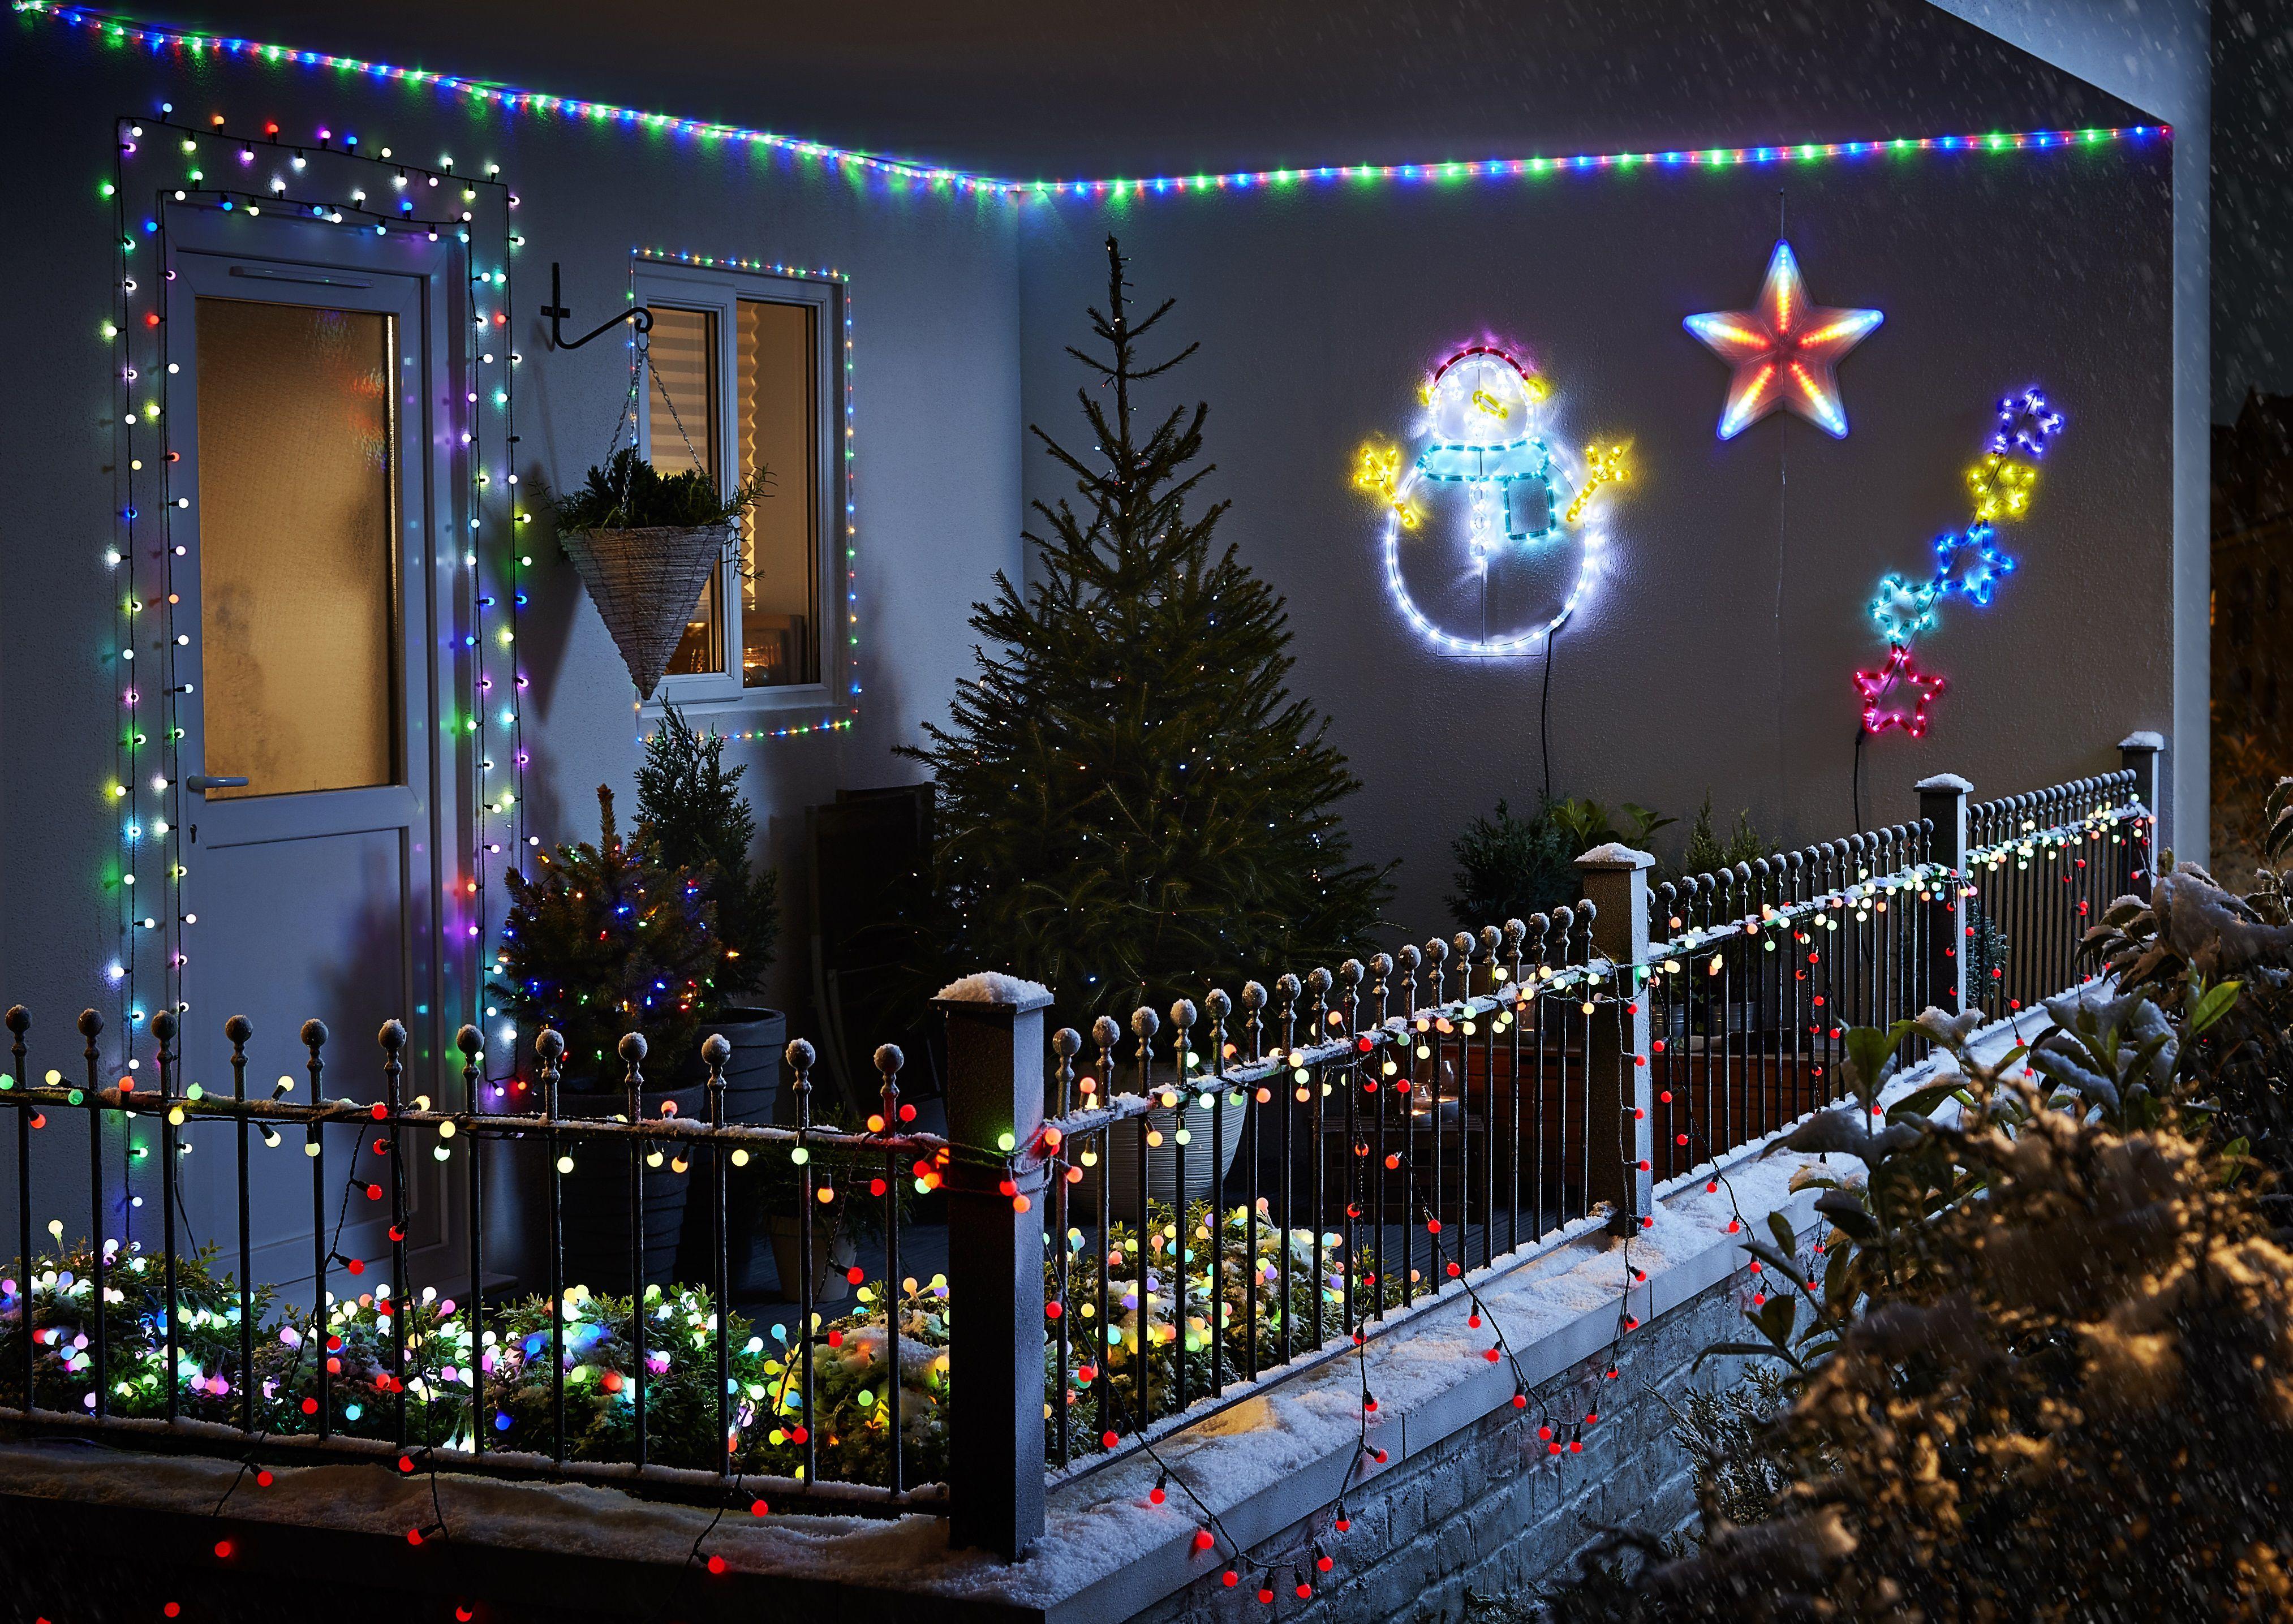 Outdoor christmas lighting Minimal How To Hang Outdoor Christmas Lights Amazoncom Christmas Lights Christmas Diy At Bq